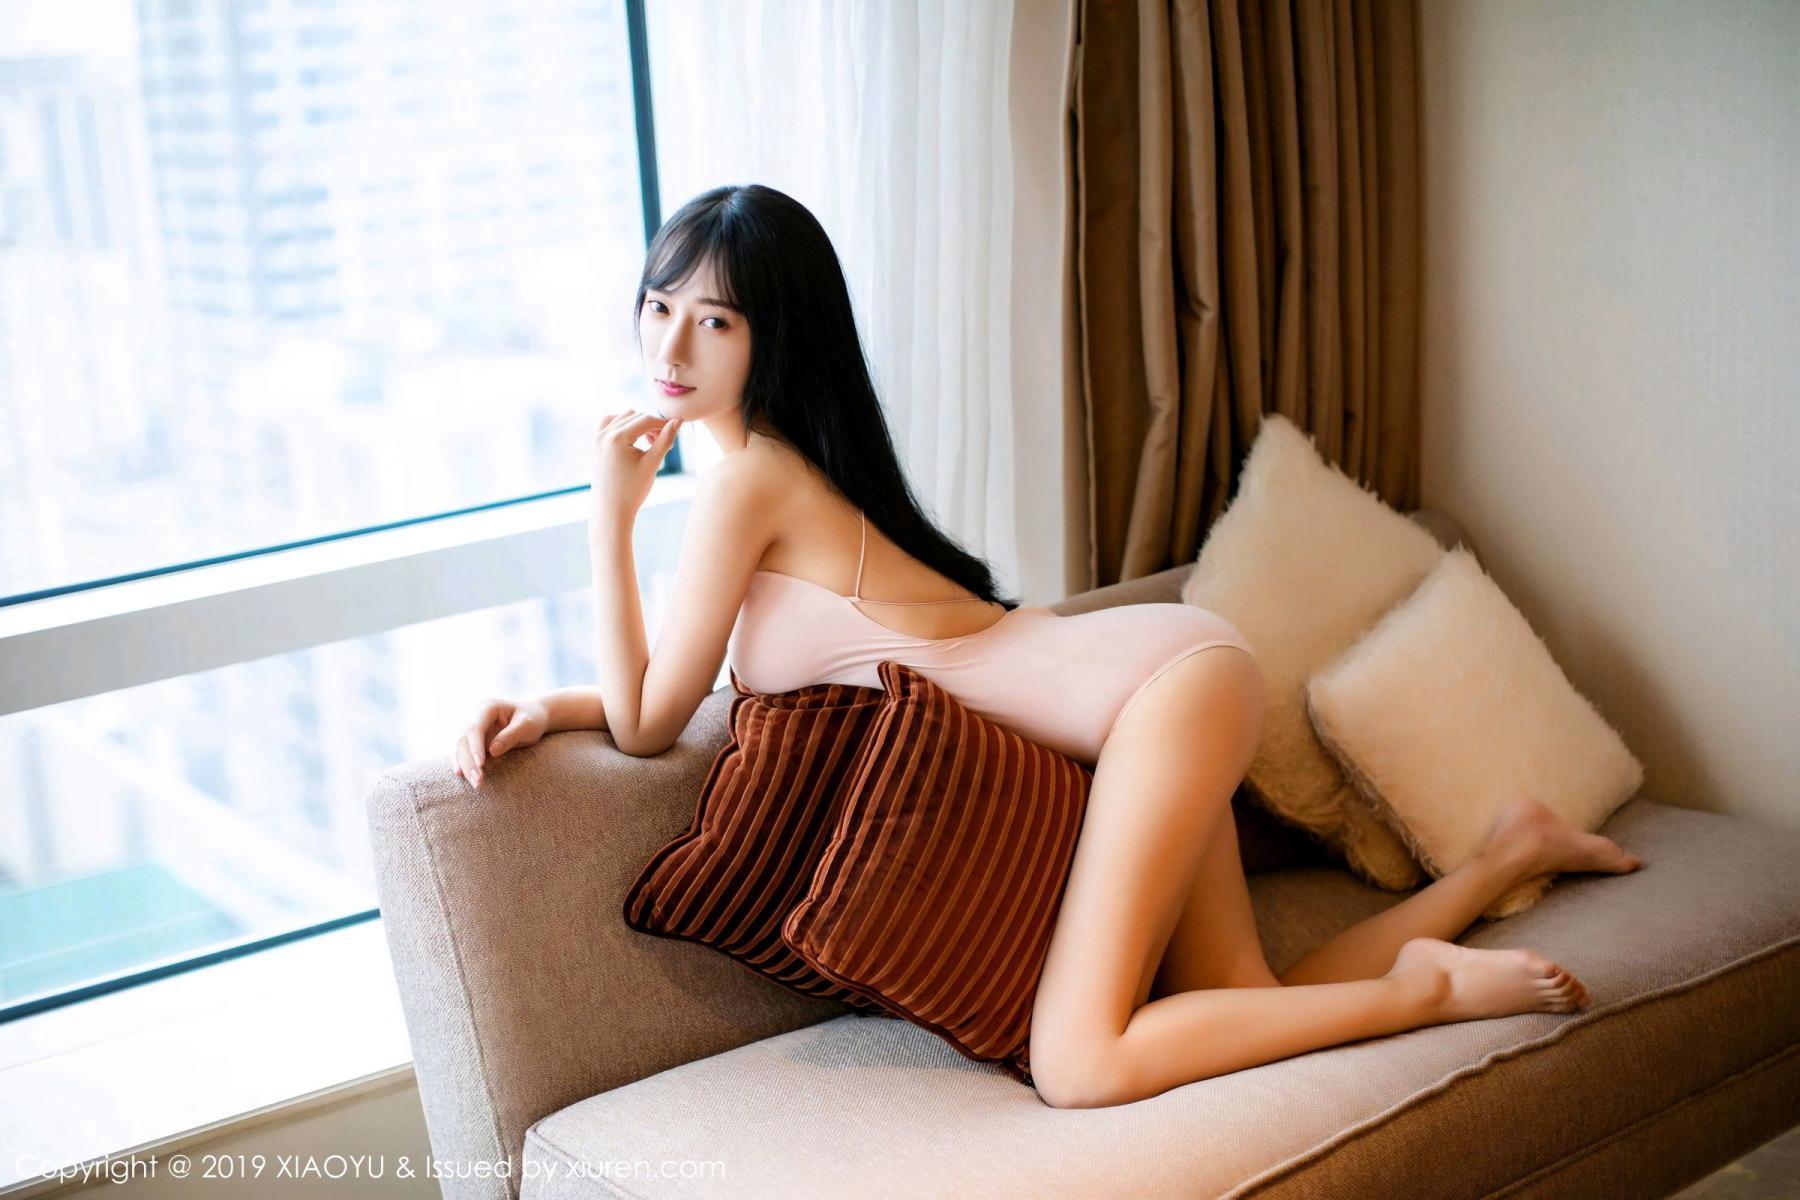 [XiaoYu] Vol.097 He Jia Ying 2P, He Jia Ying, Tall, XiaoYu